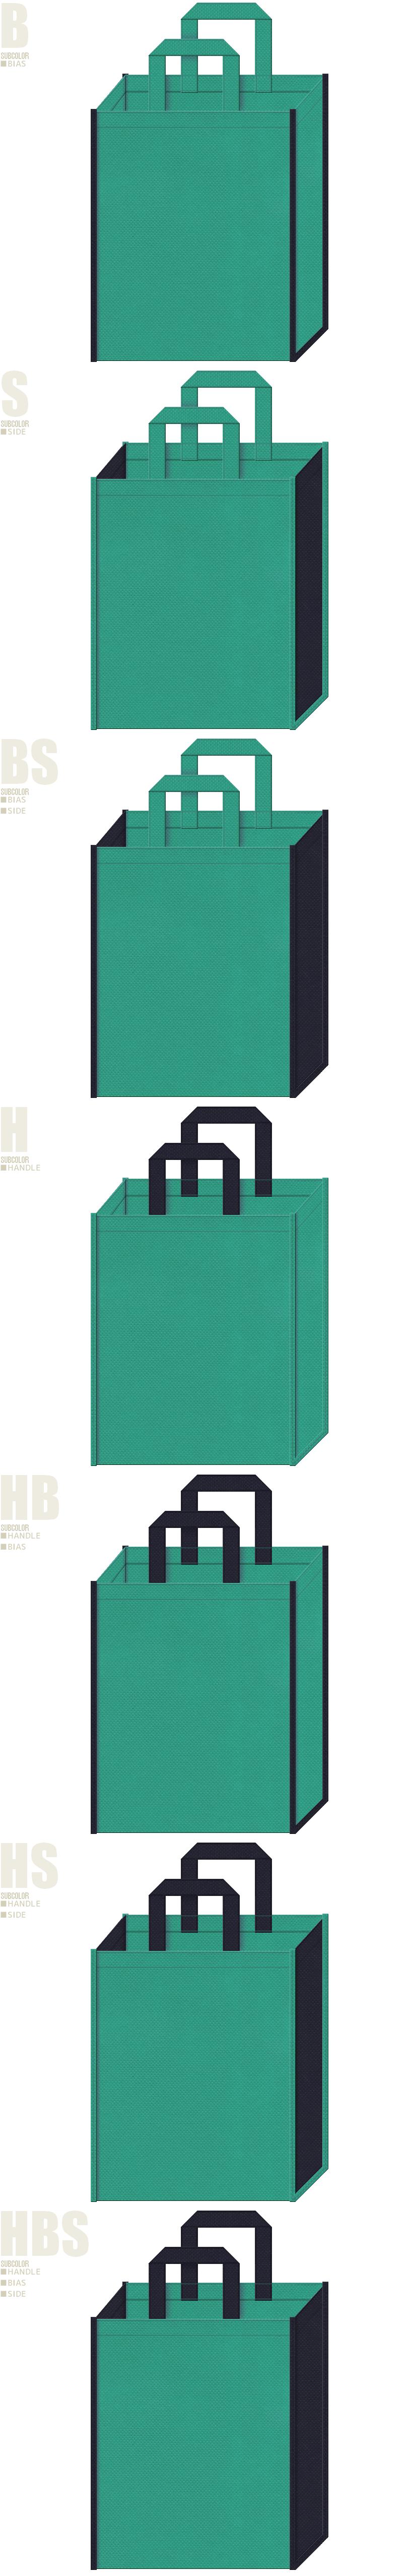 春夏・サマーイベント・マリンルック・マリンスポーツ・ボート・ヨット・クルージング・リーフ・ダイビング・釣具・ユニフォーム・運動靴・アウトドア・スポーツイベント・スポーティーファッション・スポーツ用品の展示会用バッグにお奨めの不織布バッグデザイン:青緑色と濃紺色の配色7パターン